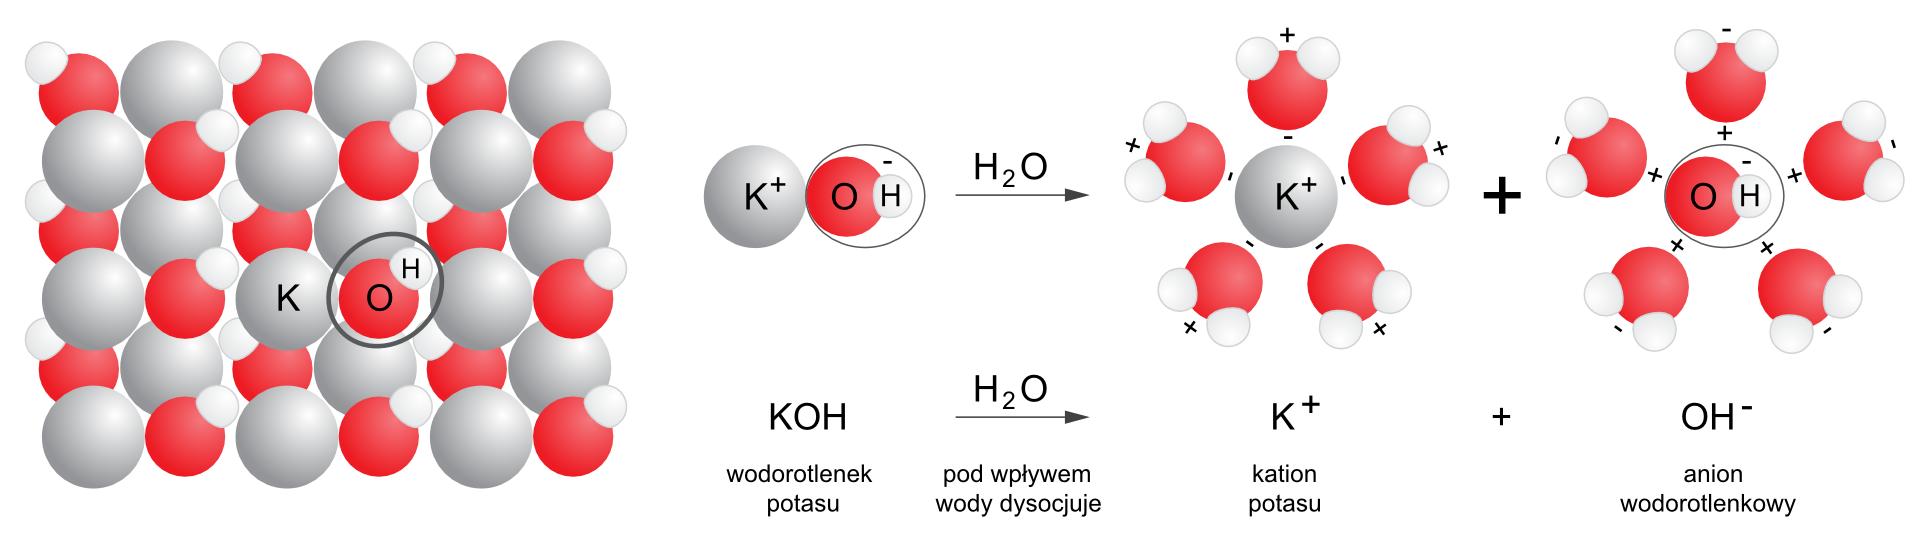 Ilustracja przedstawia proces dysocjacji elektrolitycznej wodorotlenku potasu. Po lewej stronie rysunku mający kształt prostokąta zbiór ułożonych naprzemiennie dużych jasnych kul symbolizujących atomy potasu oraz układów czerwonych ibiałych kul tworzących grupy wodorotlenowe. Całość przypomina zwyglądu szachownicę isymbolizuje sieć krystaliczną wodorotlenku potasu. Wśrodku ipo prawej stronie zapis reakcji rozbijania wodorotlenku potasu KOH na jony Kplus iOH minus pod wpływem wody. Ponad zapisem iopisem słownym znajduje się ilustracja wpostaci zapisu modelowego: układ kul Kplus iOH minus pod wpływem wody zostaje rozbity na jony. Wokół jonów zbierają się cząsteczki wody wtaki sposób, że zarówno kation potasu, jak ianion jodu są otoczone na rysunku przez sześć cząsteczek wody, przy czym kation Kplus otaczają cząsteczki zwrócone stroną naładowaną dodatnie na zewnątrz układu, aanion OH minus otaczają cząsteczki zwrócone stroną naładowaną dodatnie do wnętrza układu.